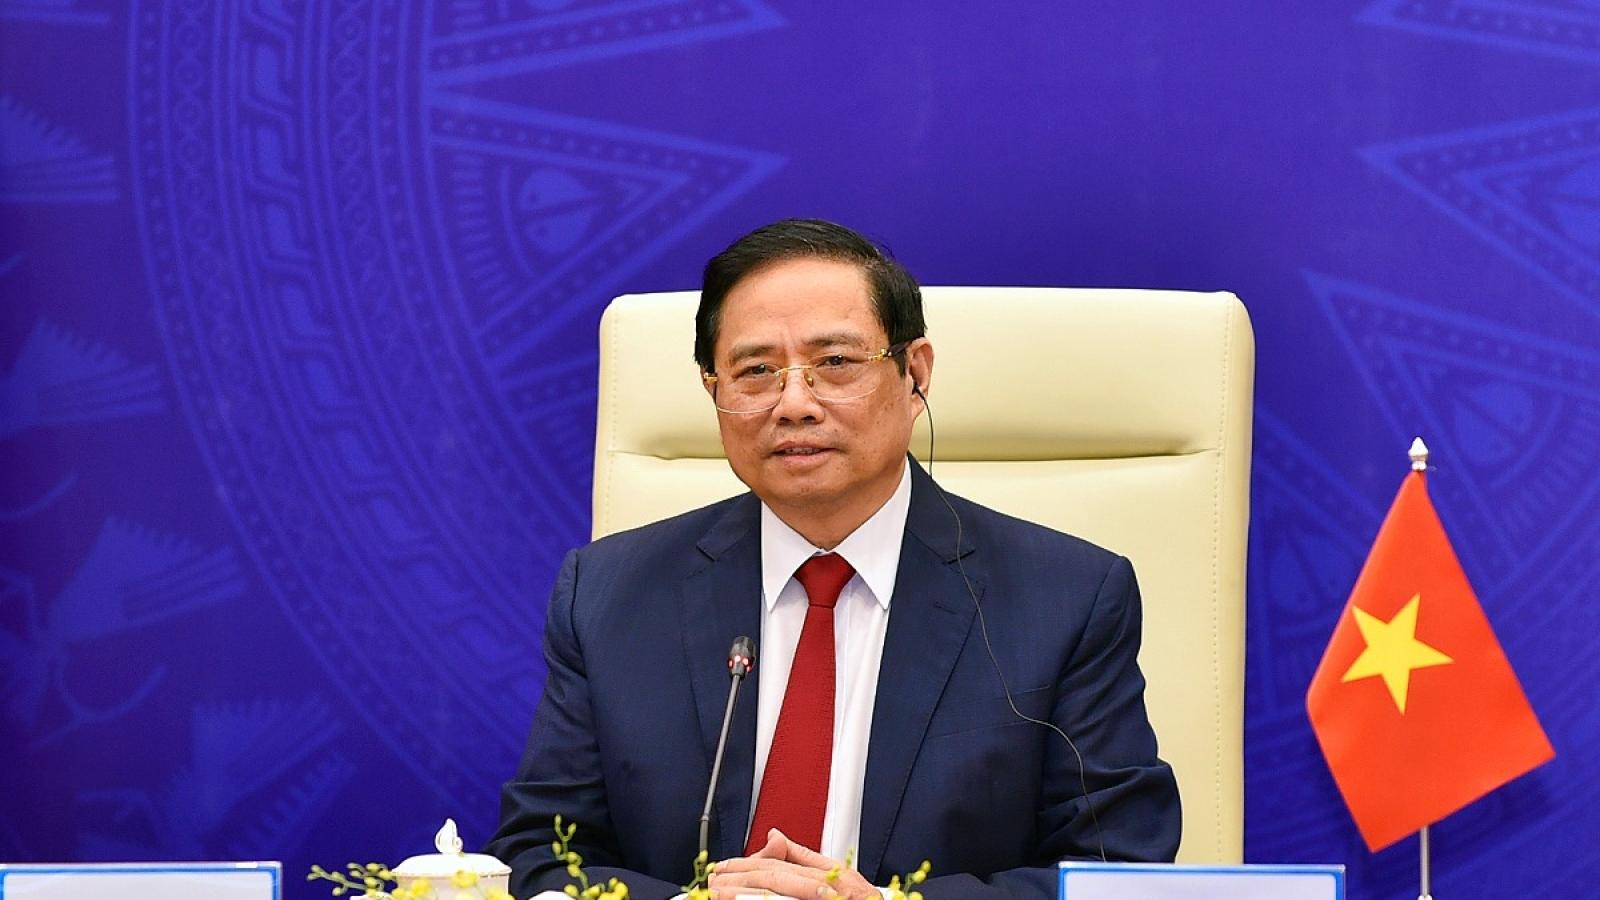 Thủ tướng: Chung tay là chìa khóa vượt qua COVID-19, khẳng định vị thế và vai trò châu Á